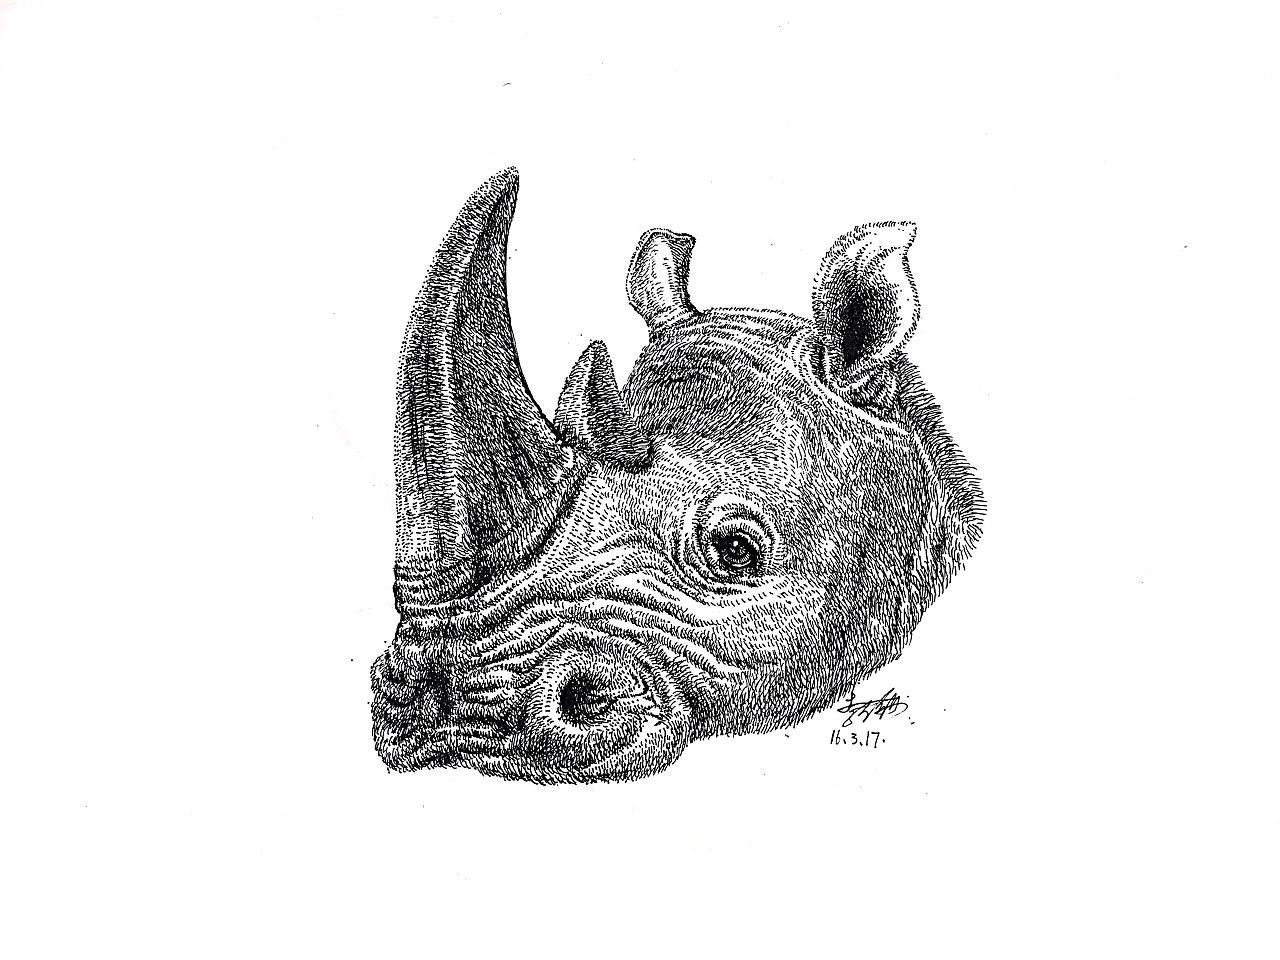 李万海钢笔手绘《犀牛》!